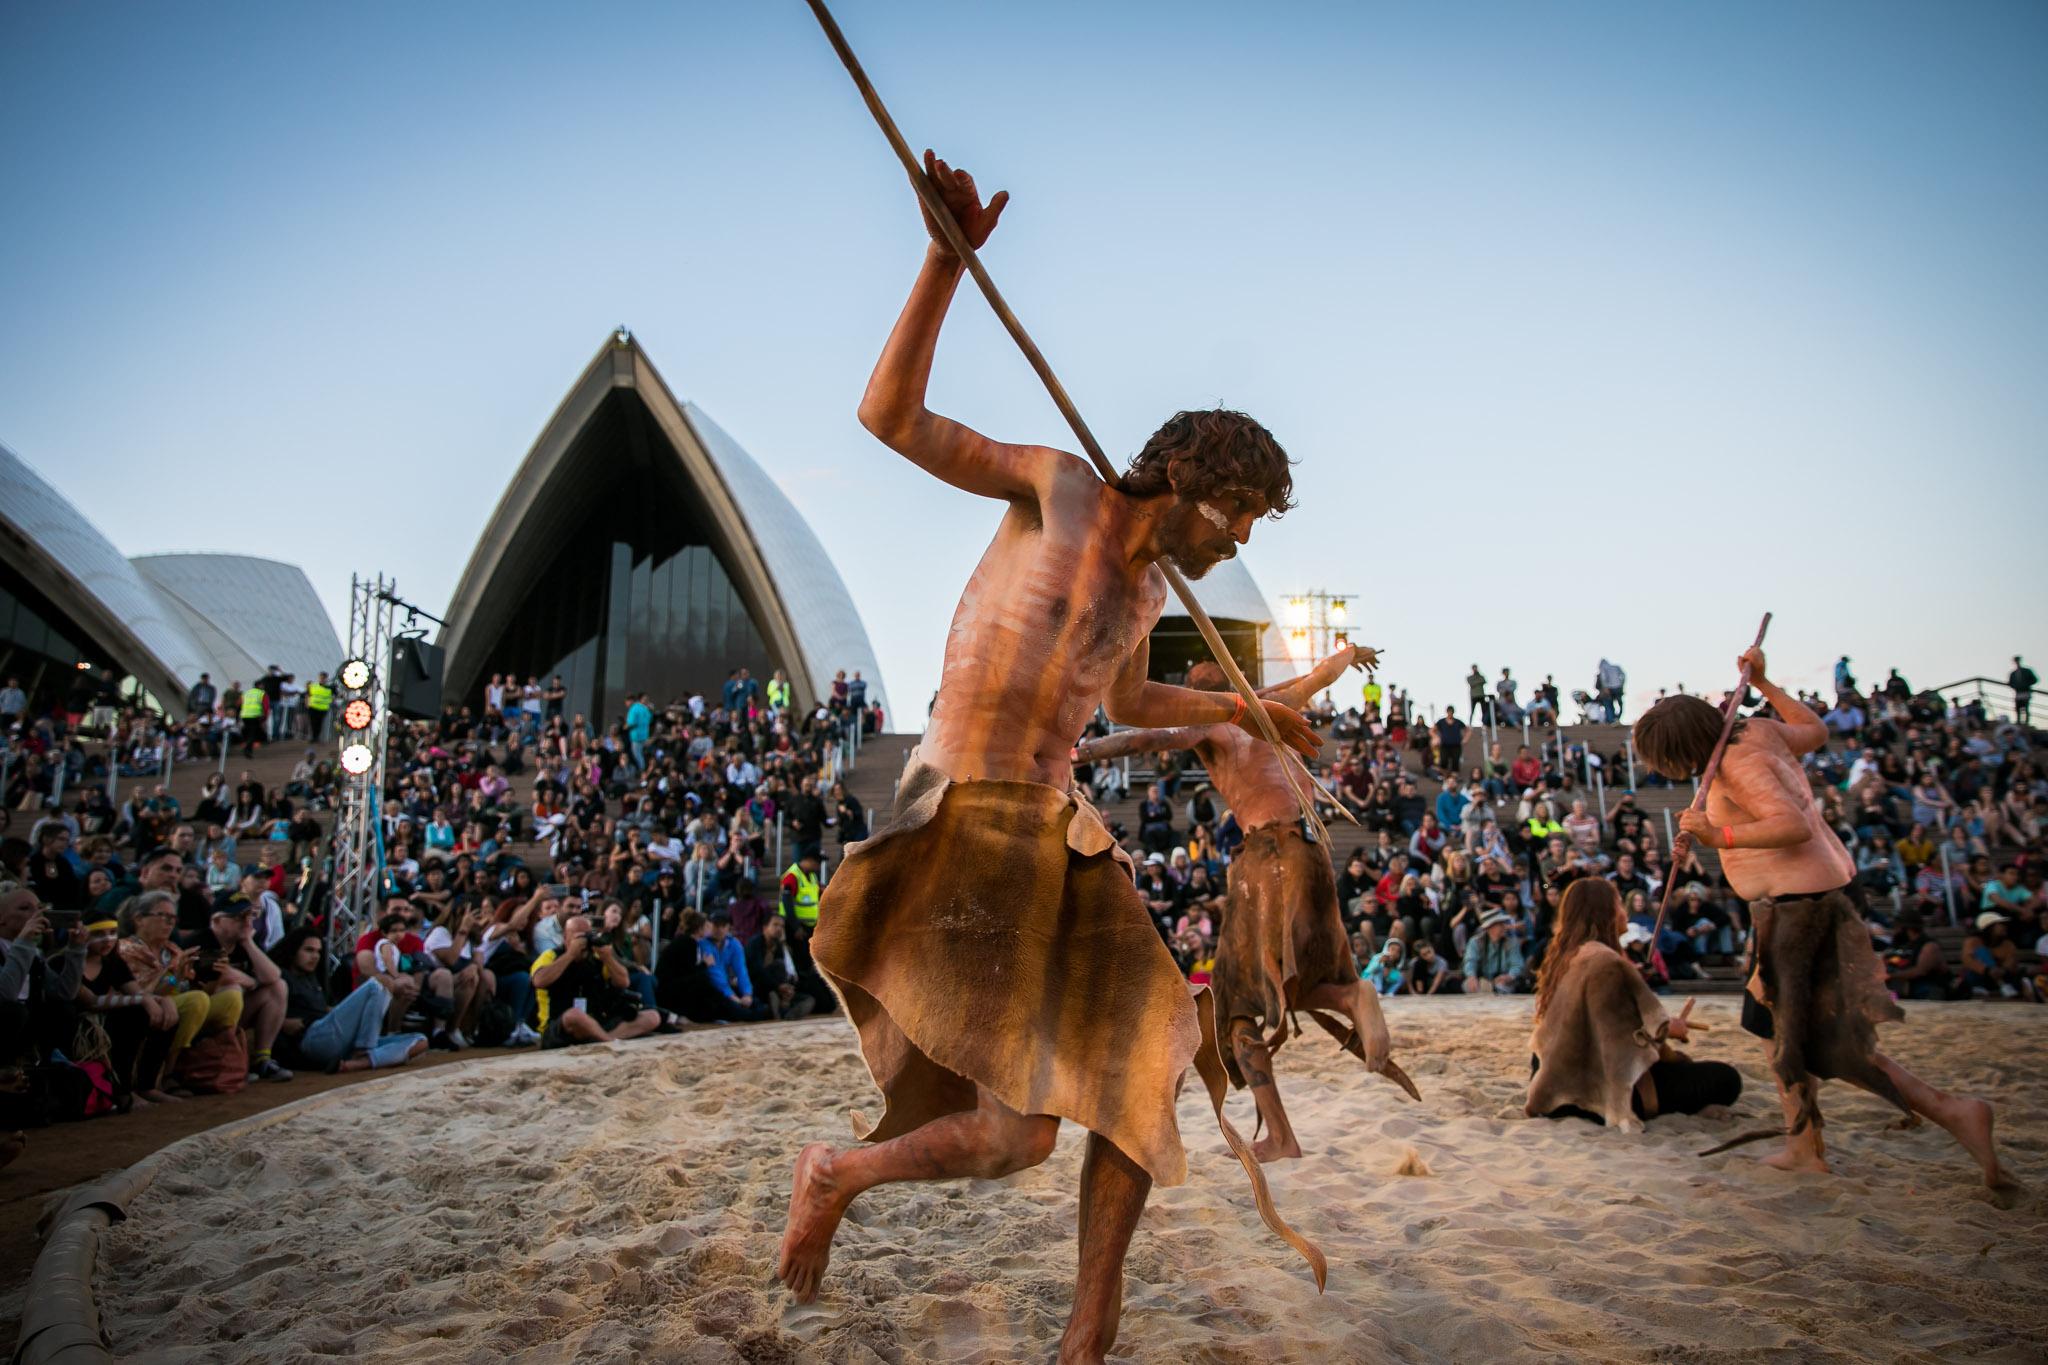 pakana kanaplila Residency - Vrystaat Festival South Africa 2019